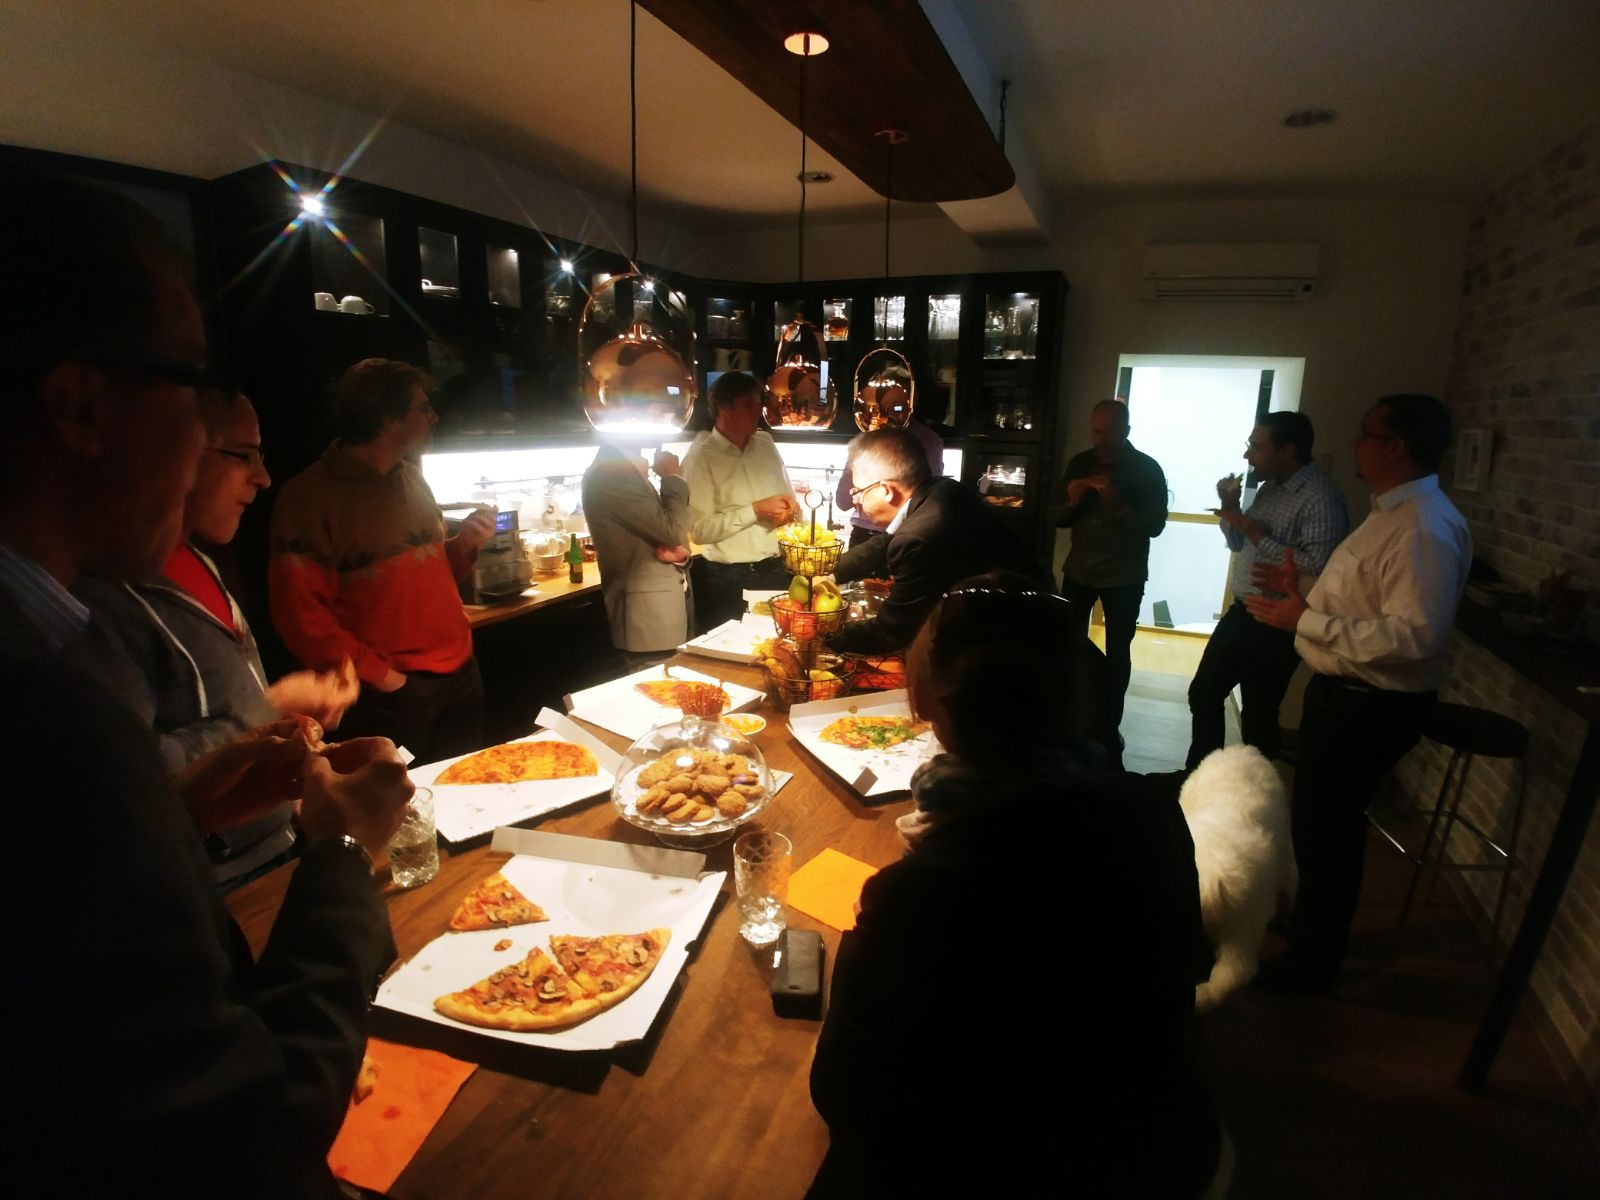 ITSM Stammtisch Oktober 2017 Gäste essen Pizza im Clubhouse